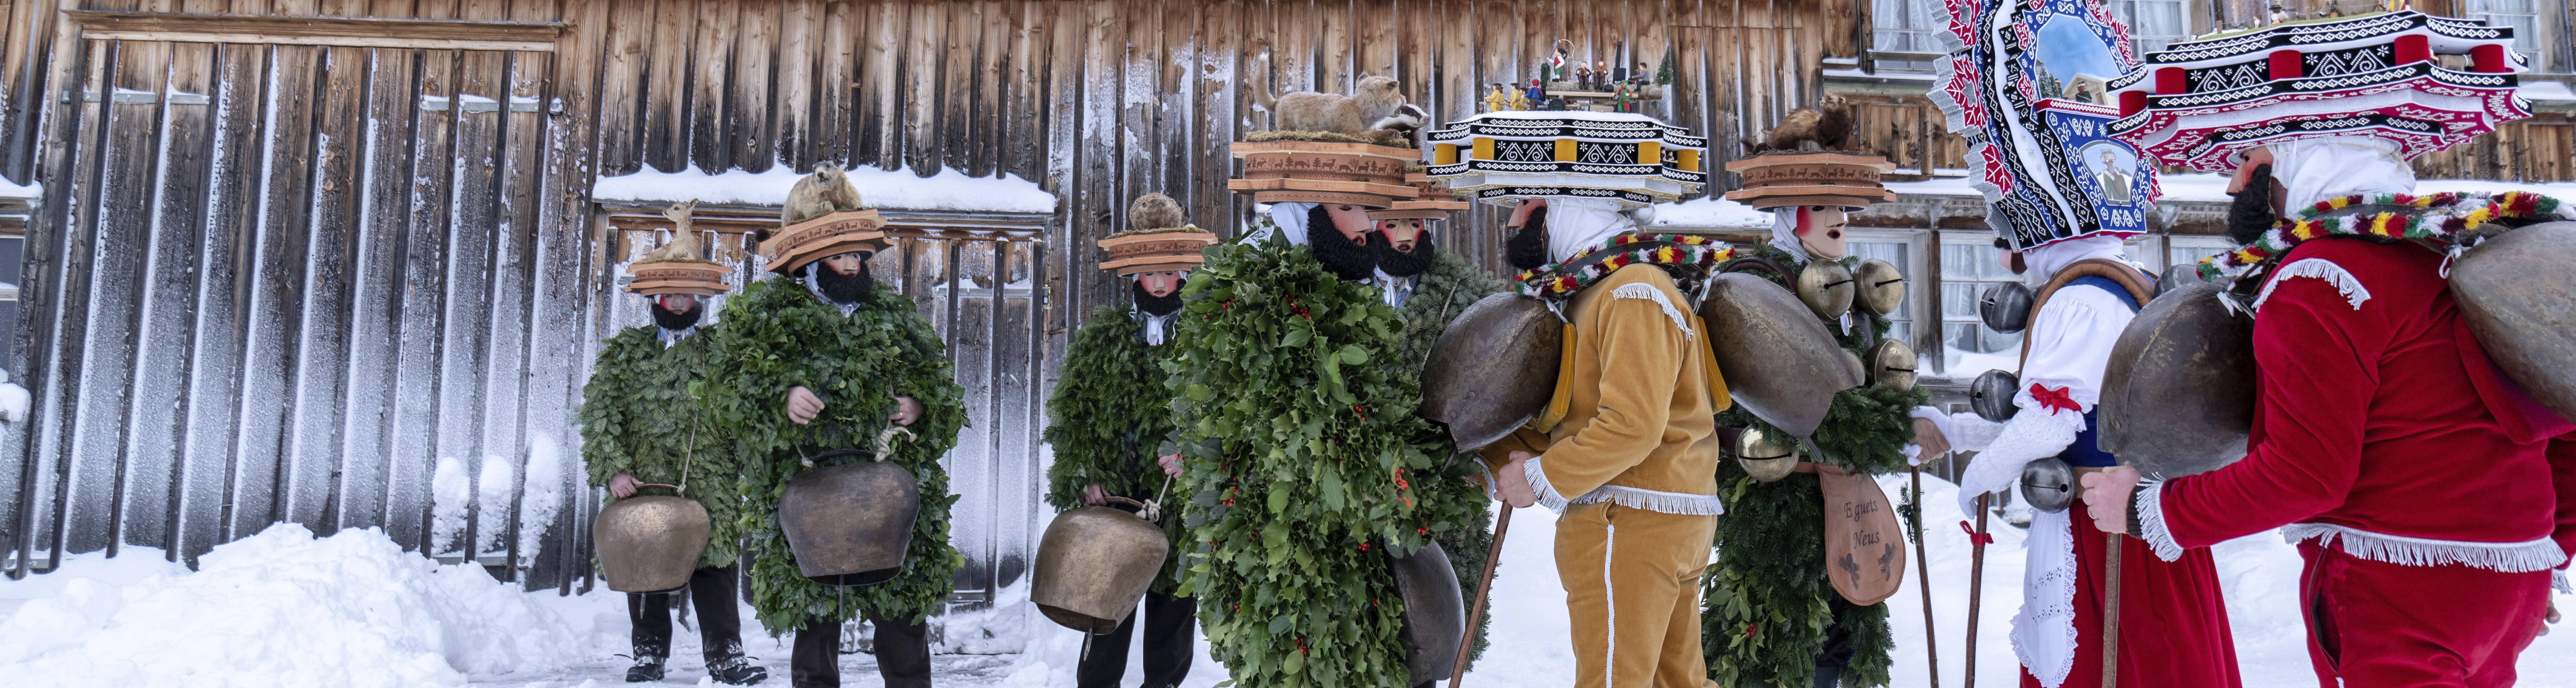 Fantastiska Stopp: le «Silvesterchlausen» du pays d'Appenzell devient numérique